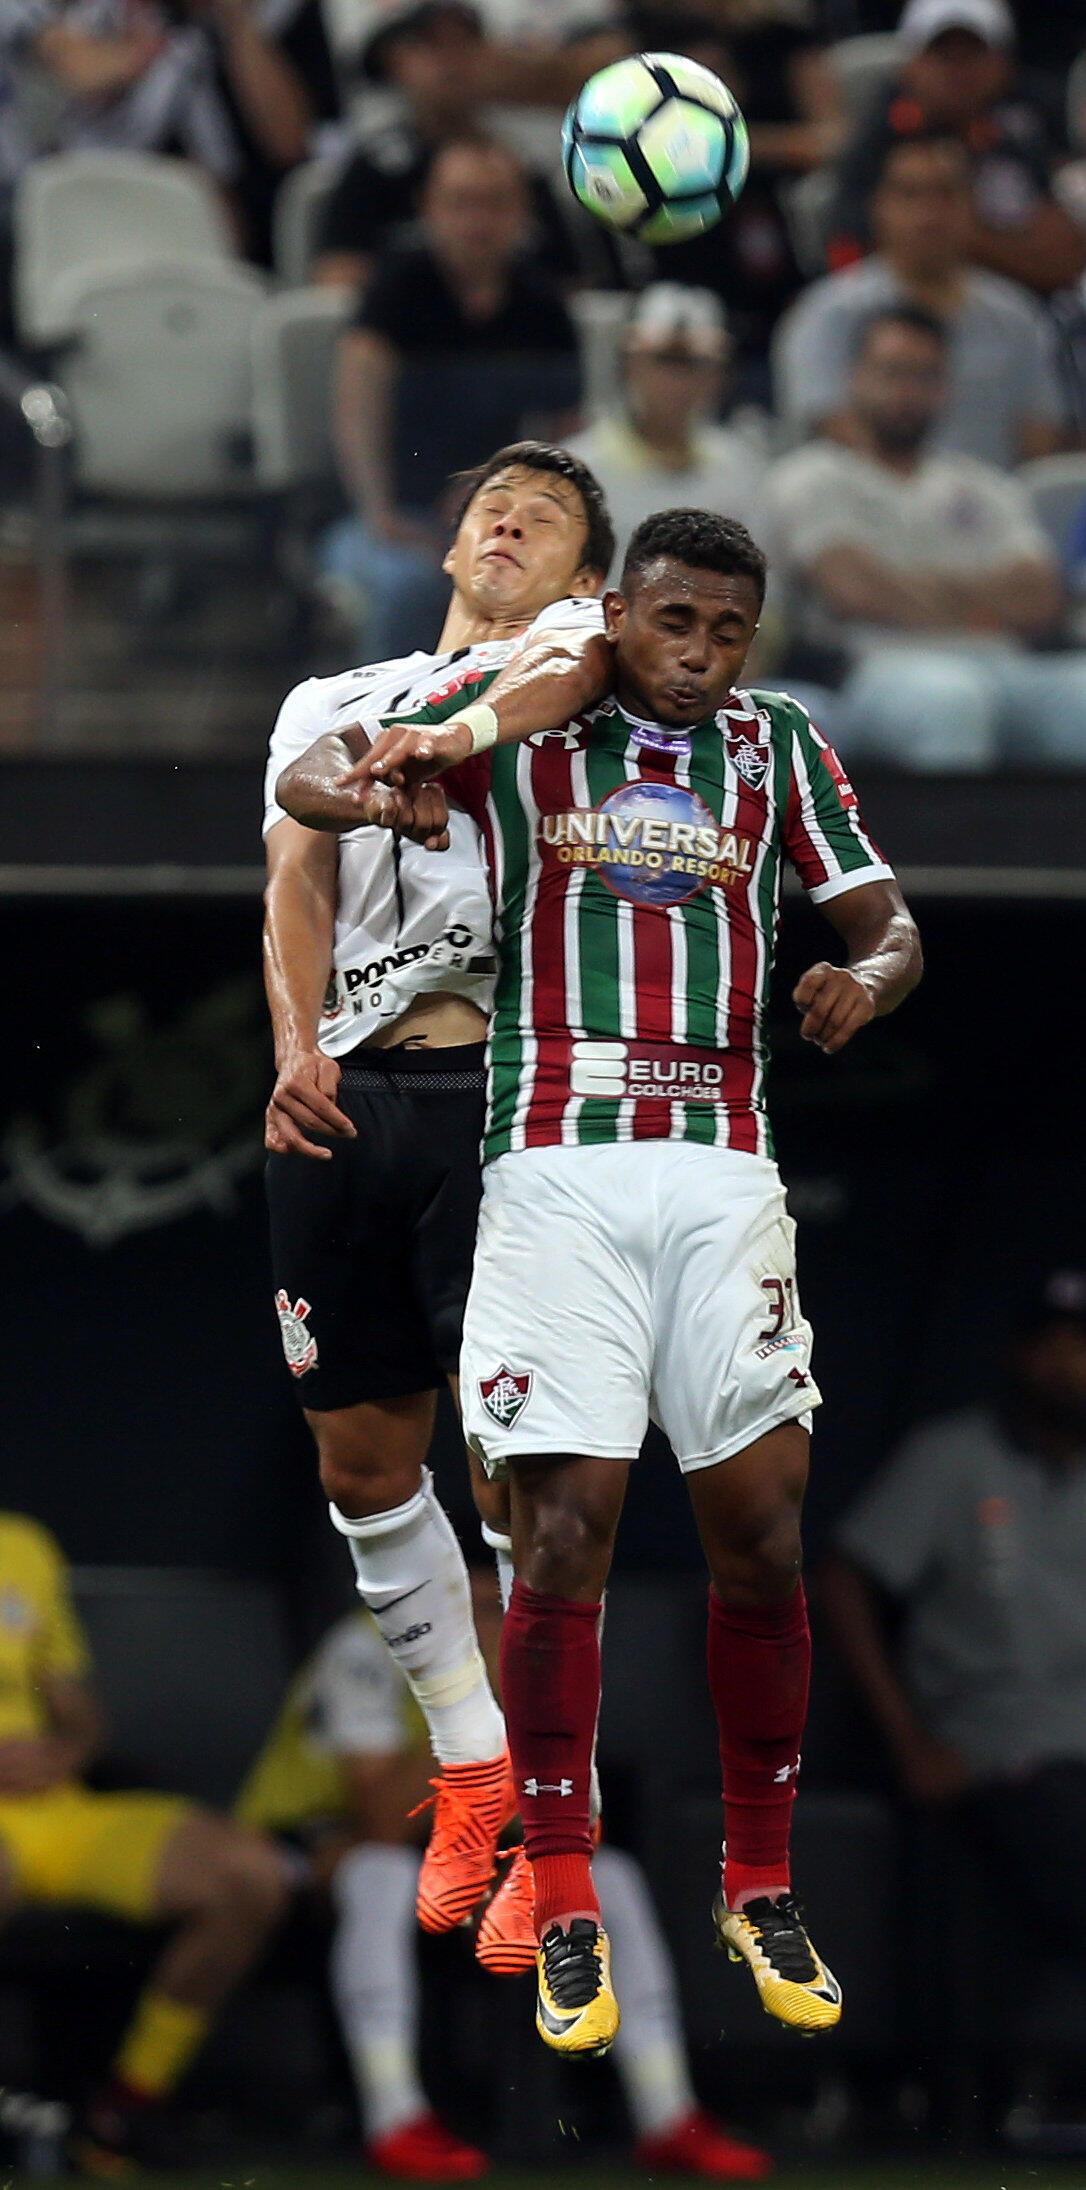 Wendel do Fluminense em disputa de bola com Villamayor do Corínthians.